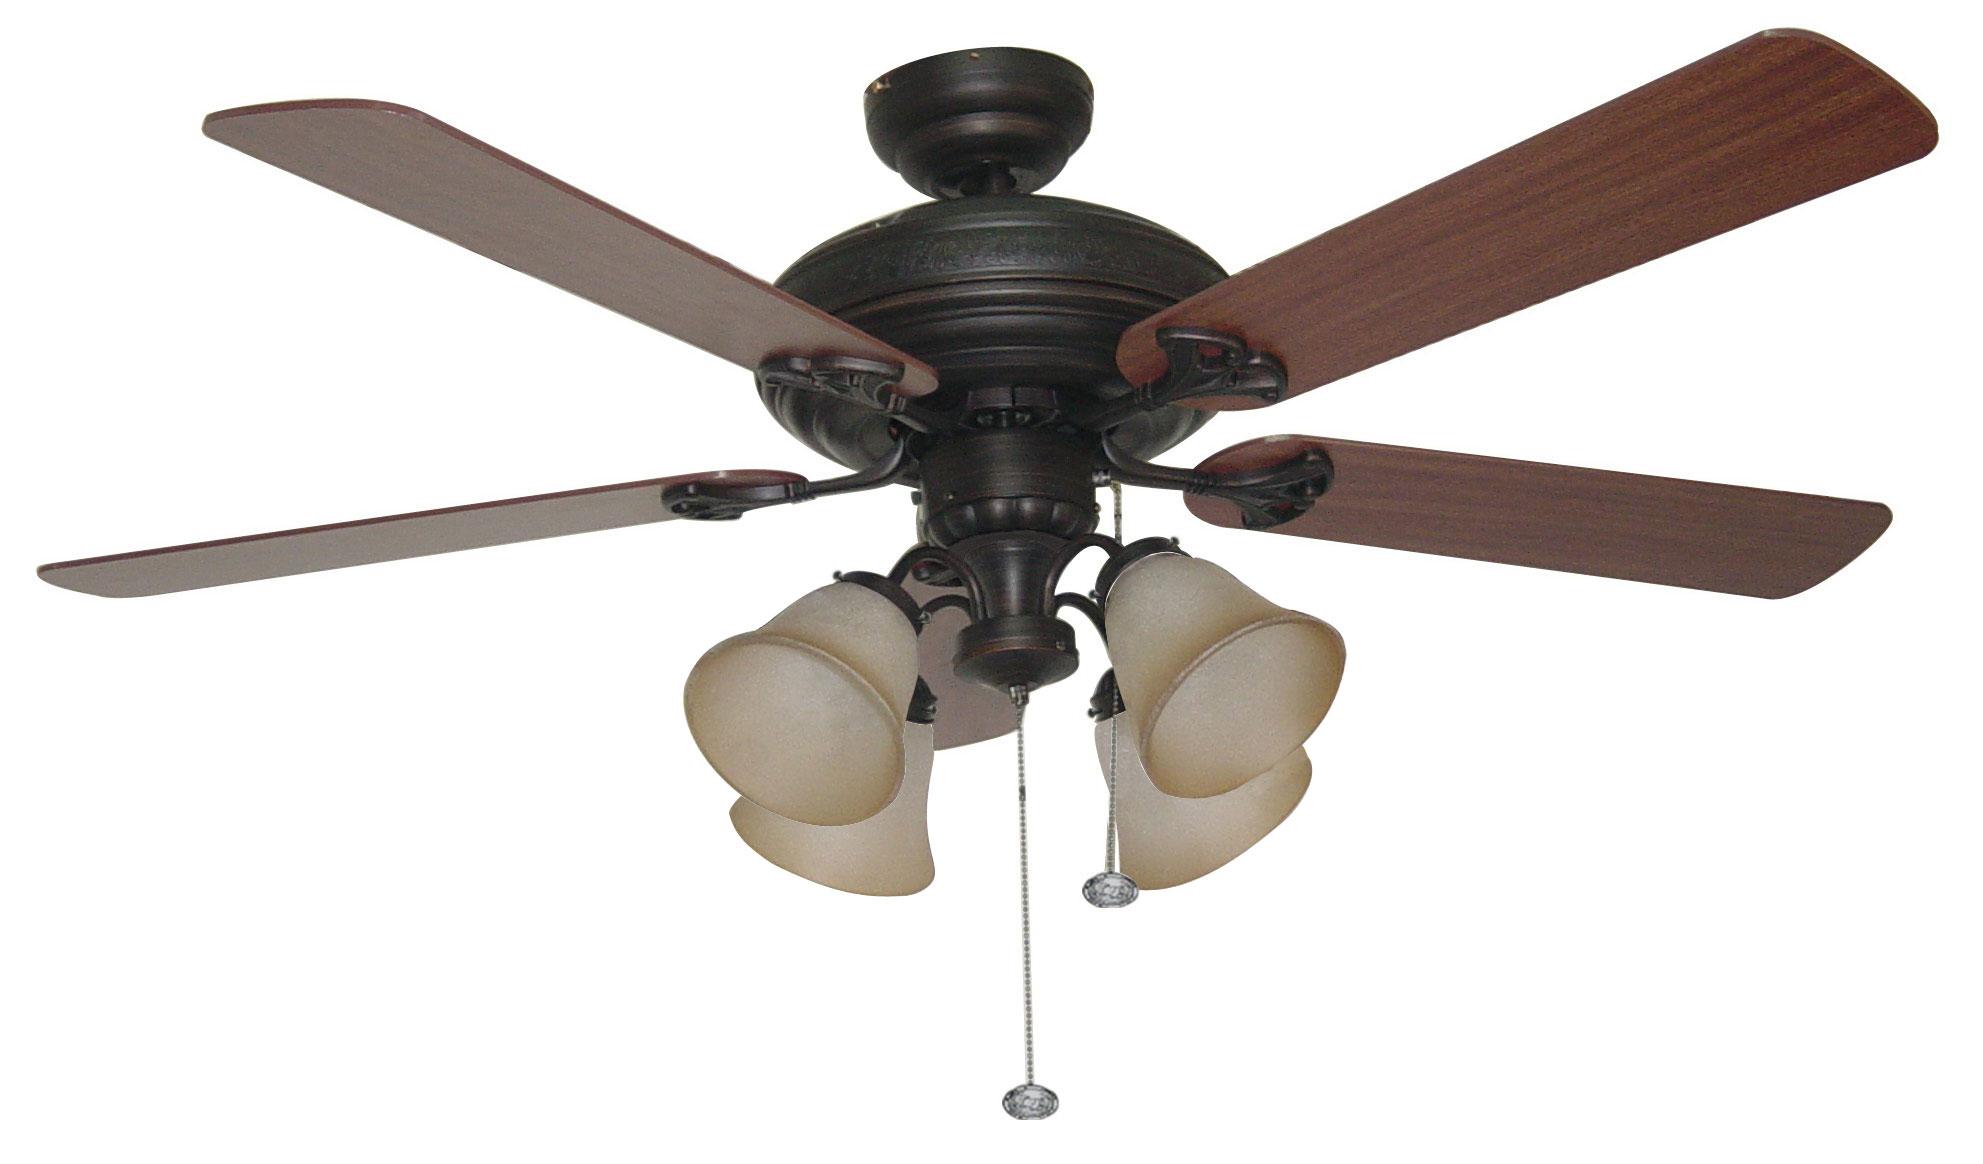 ceiling fan light kits inside volcano diagram vent crystal kit 10 methods to modernize